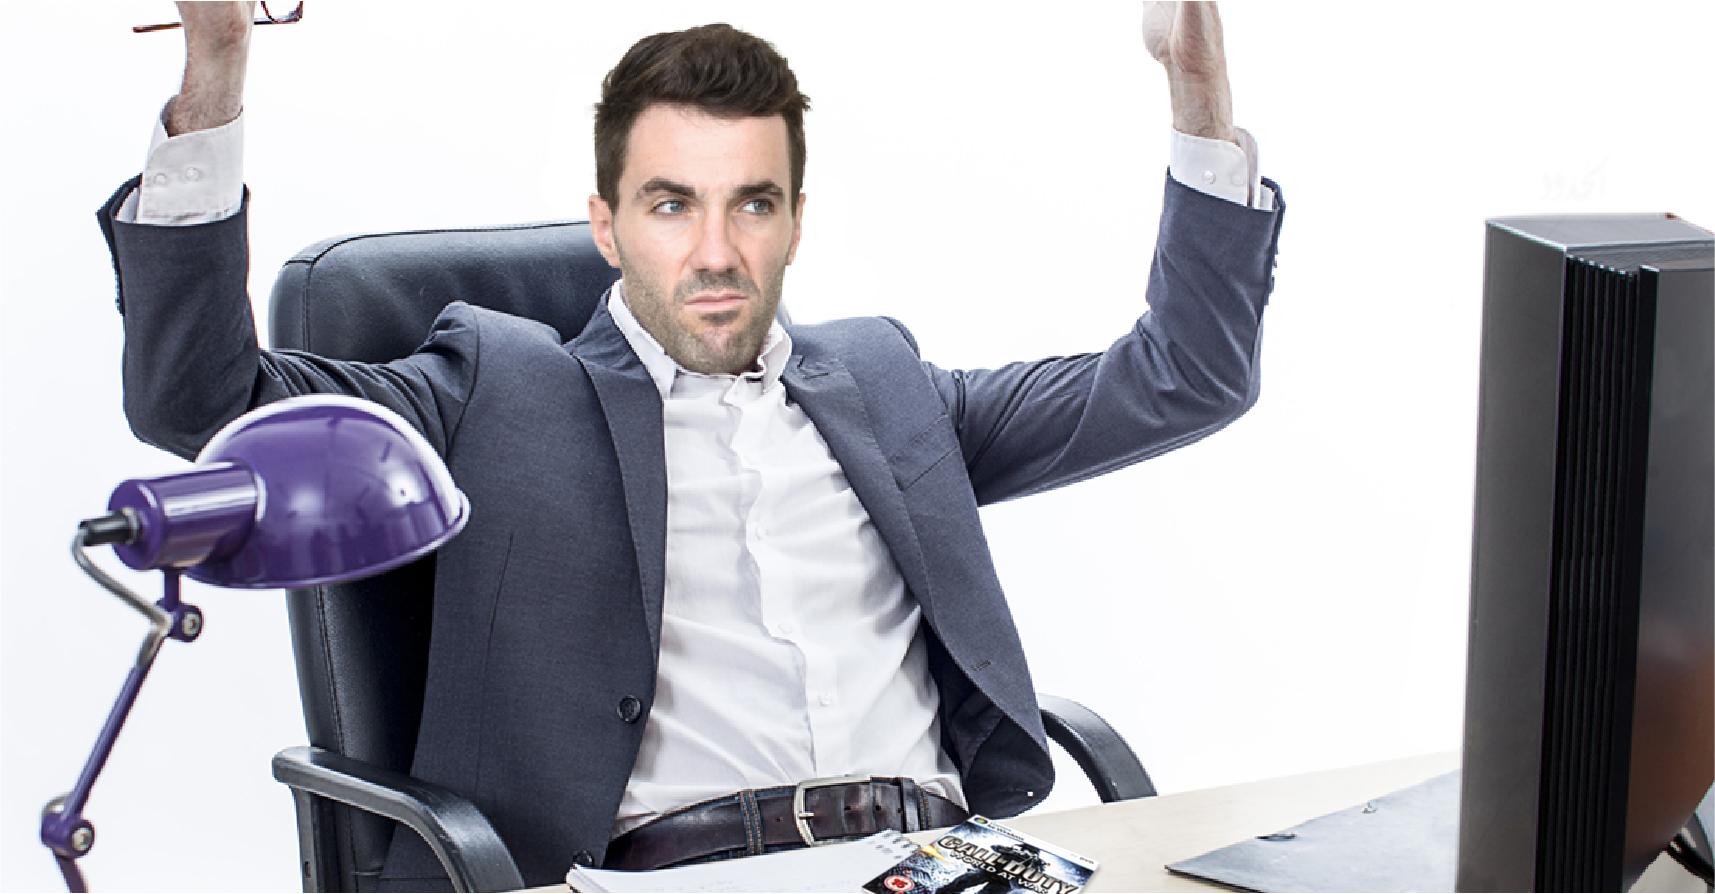 صورة موظف حكومي يطالب بتحديث الحواسيب في الدائرة، خصوصاً كرت الشاشة، أهم شيء كرت الشاشة